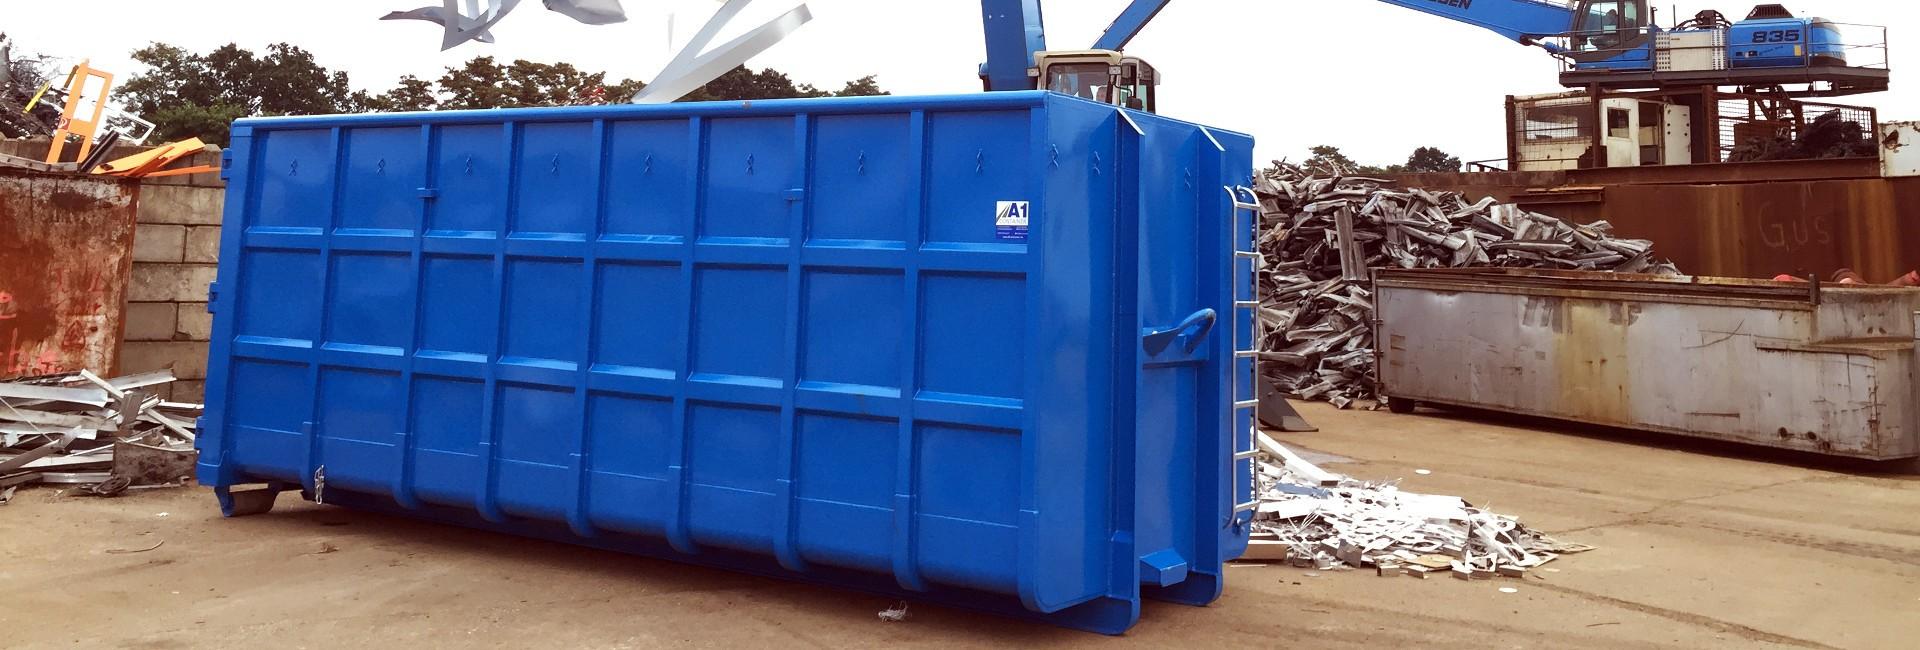 Abrollcontainer und Absetzcontainer Hersteller